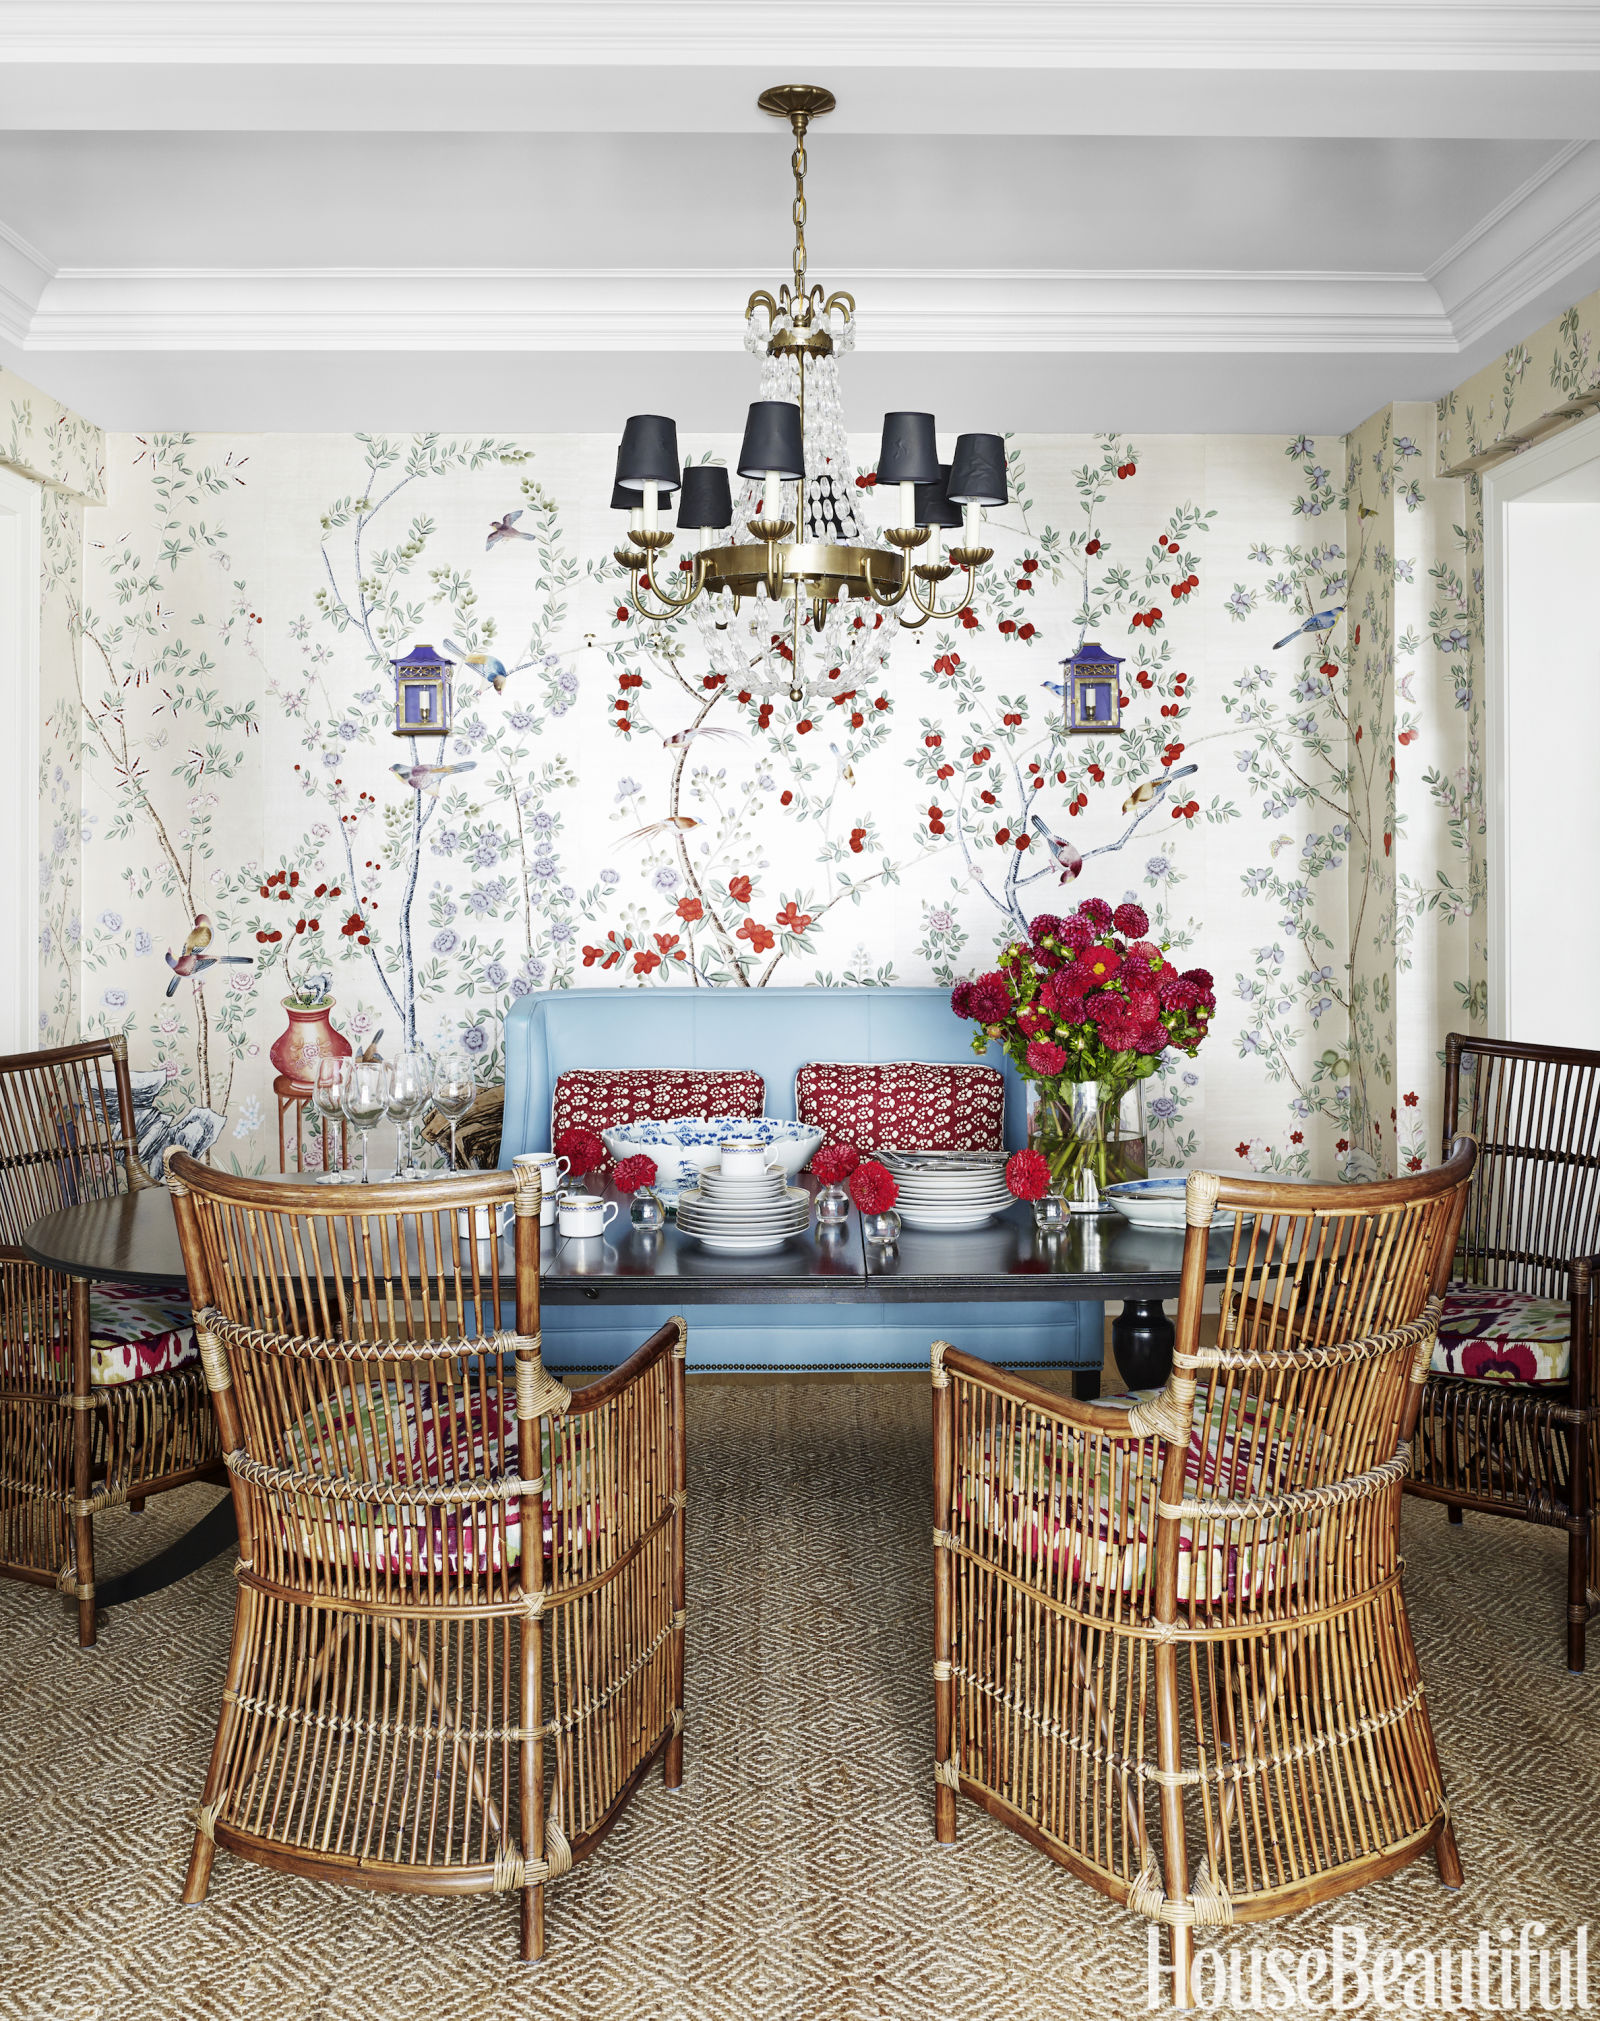 sala-de-jantar-com-papel-de-parede-de-jardim-cadeiras-de-bambu-sofa-azul-de-couro